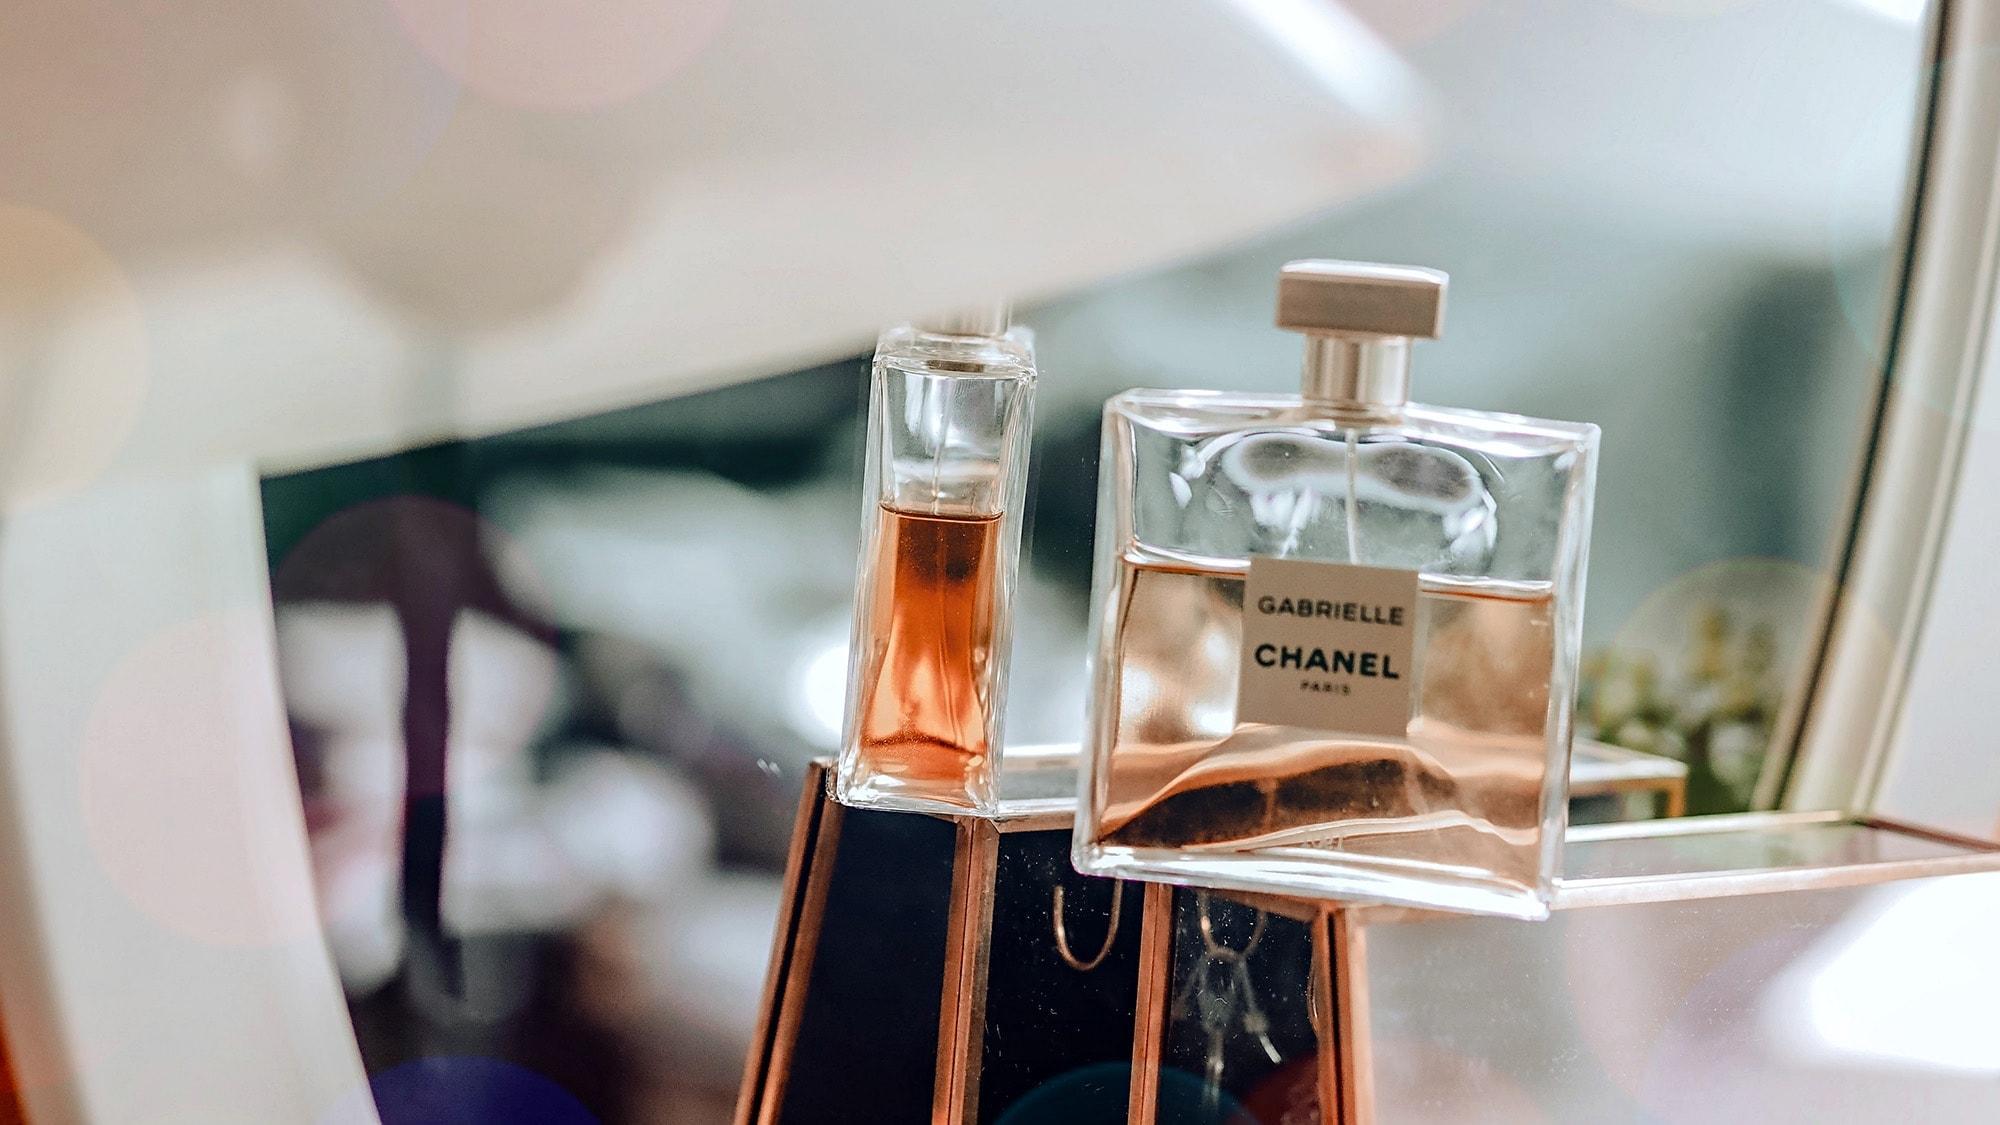 Finden welches frauen anziehend parfum Laut Studie: